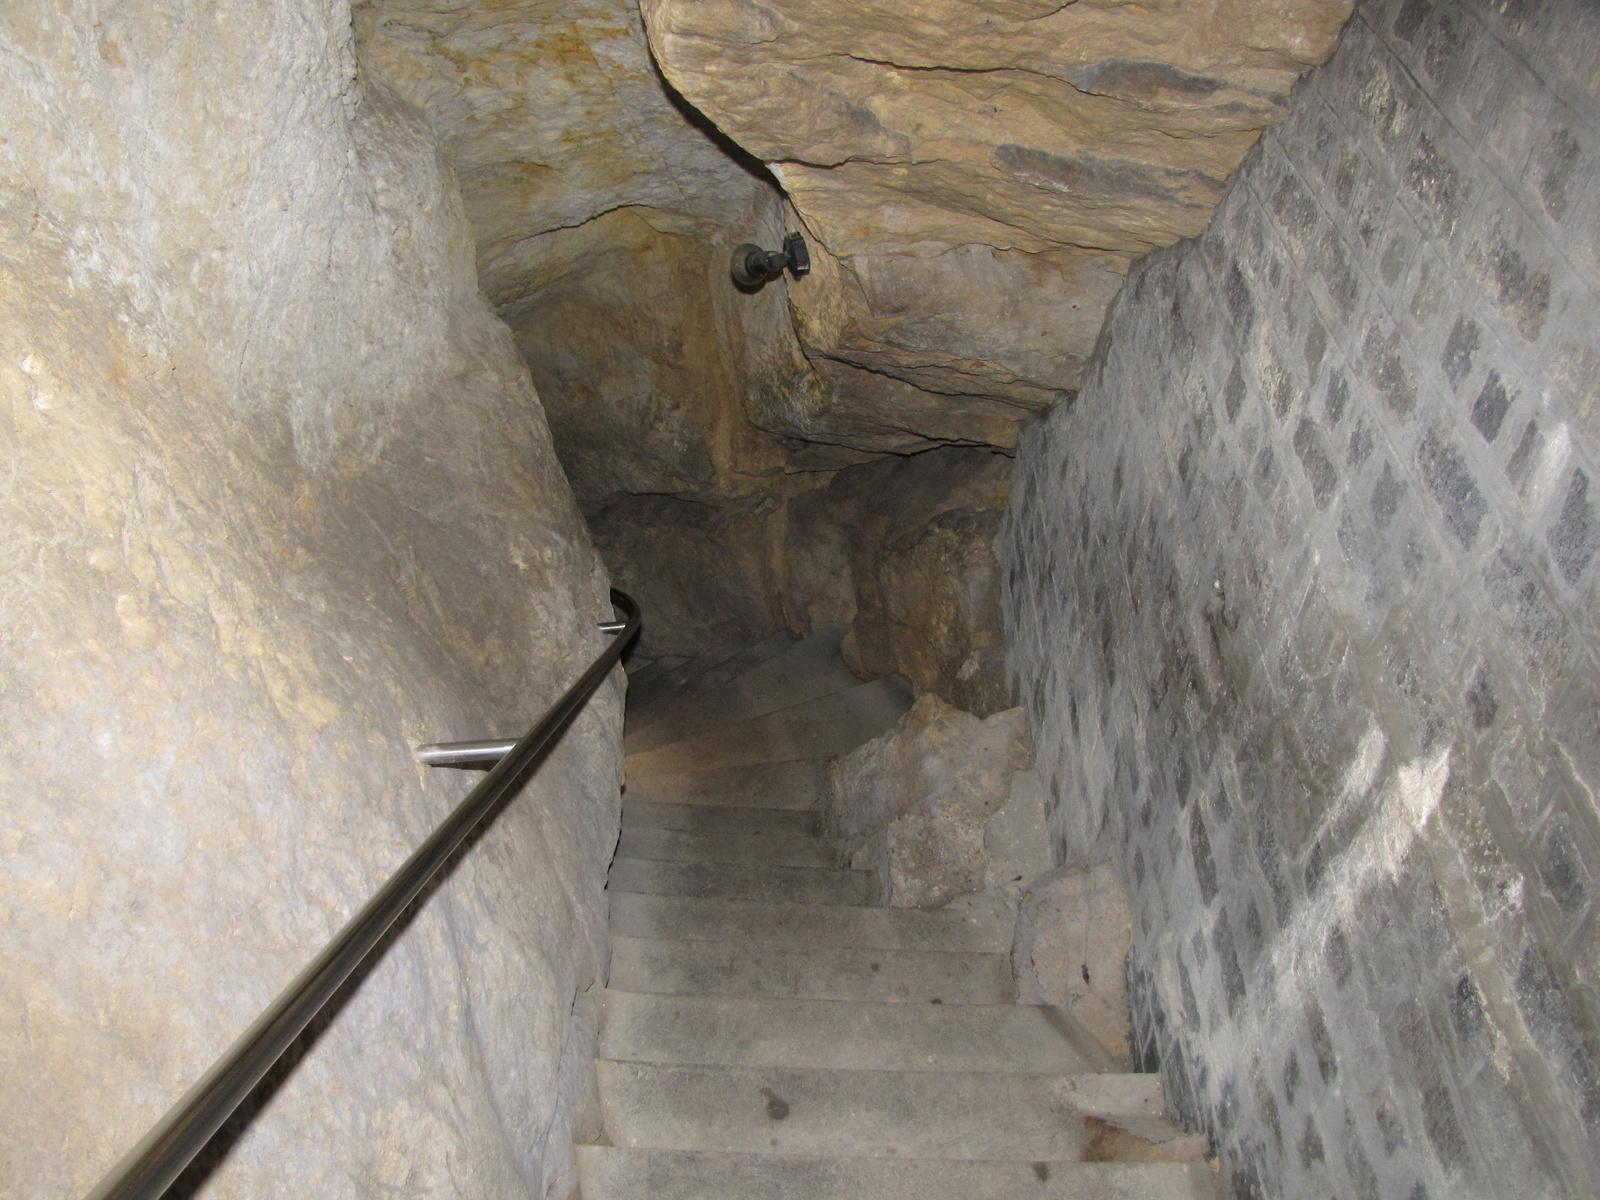 Budapest, a Pál-völgyi barlang, SzG3